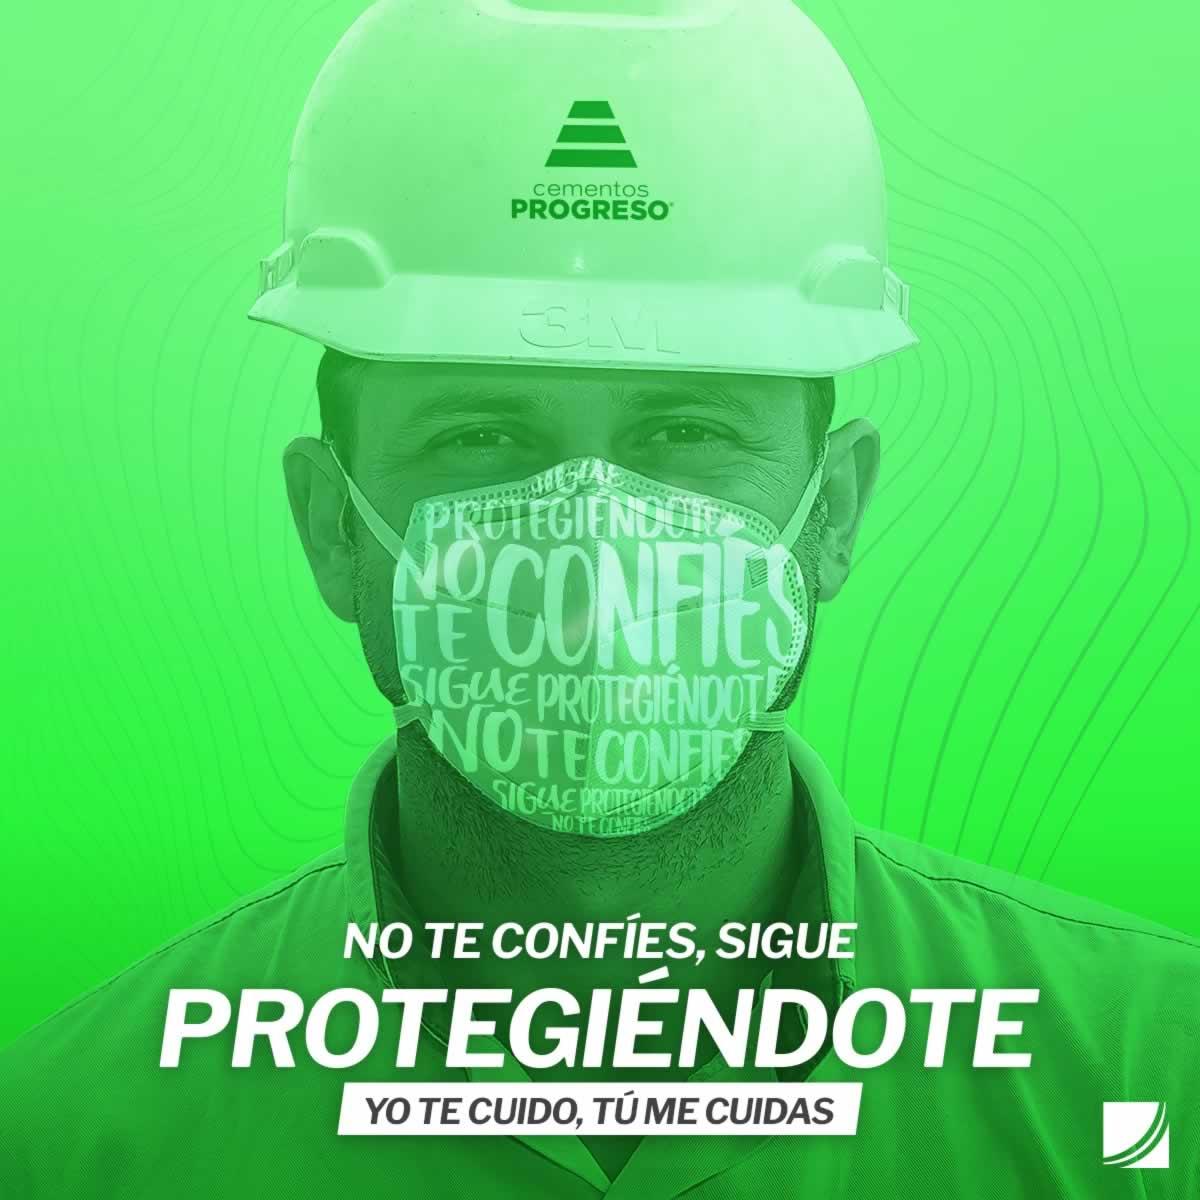 cementos progreso latam guatemala covid19 covid mascarilla face mask proteger